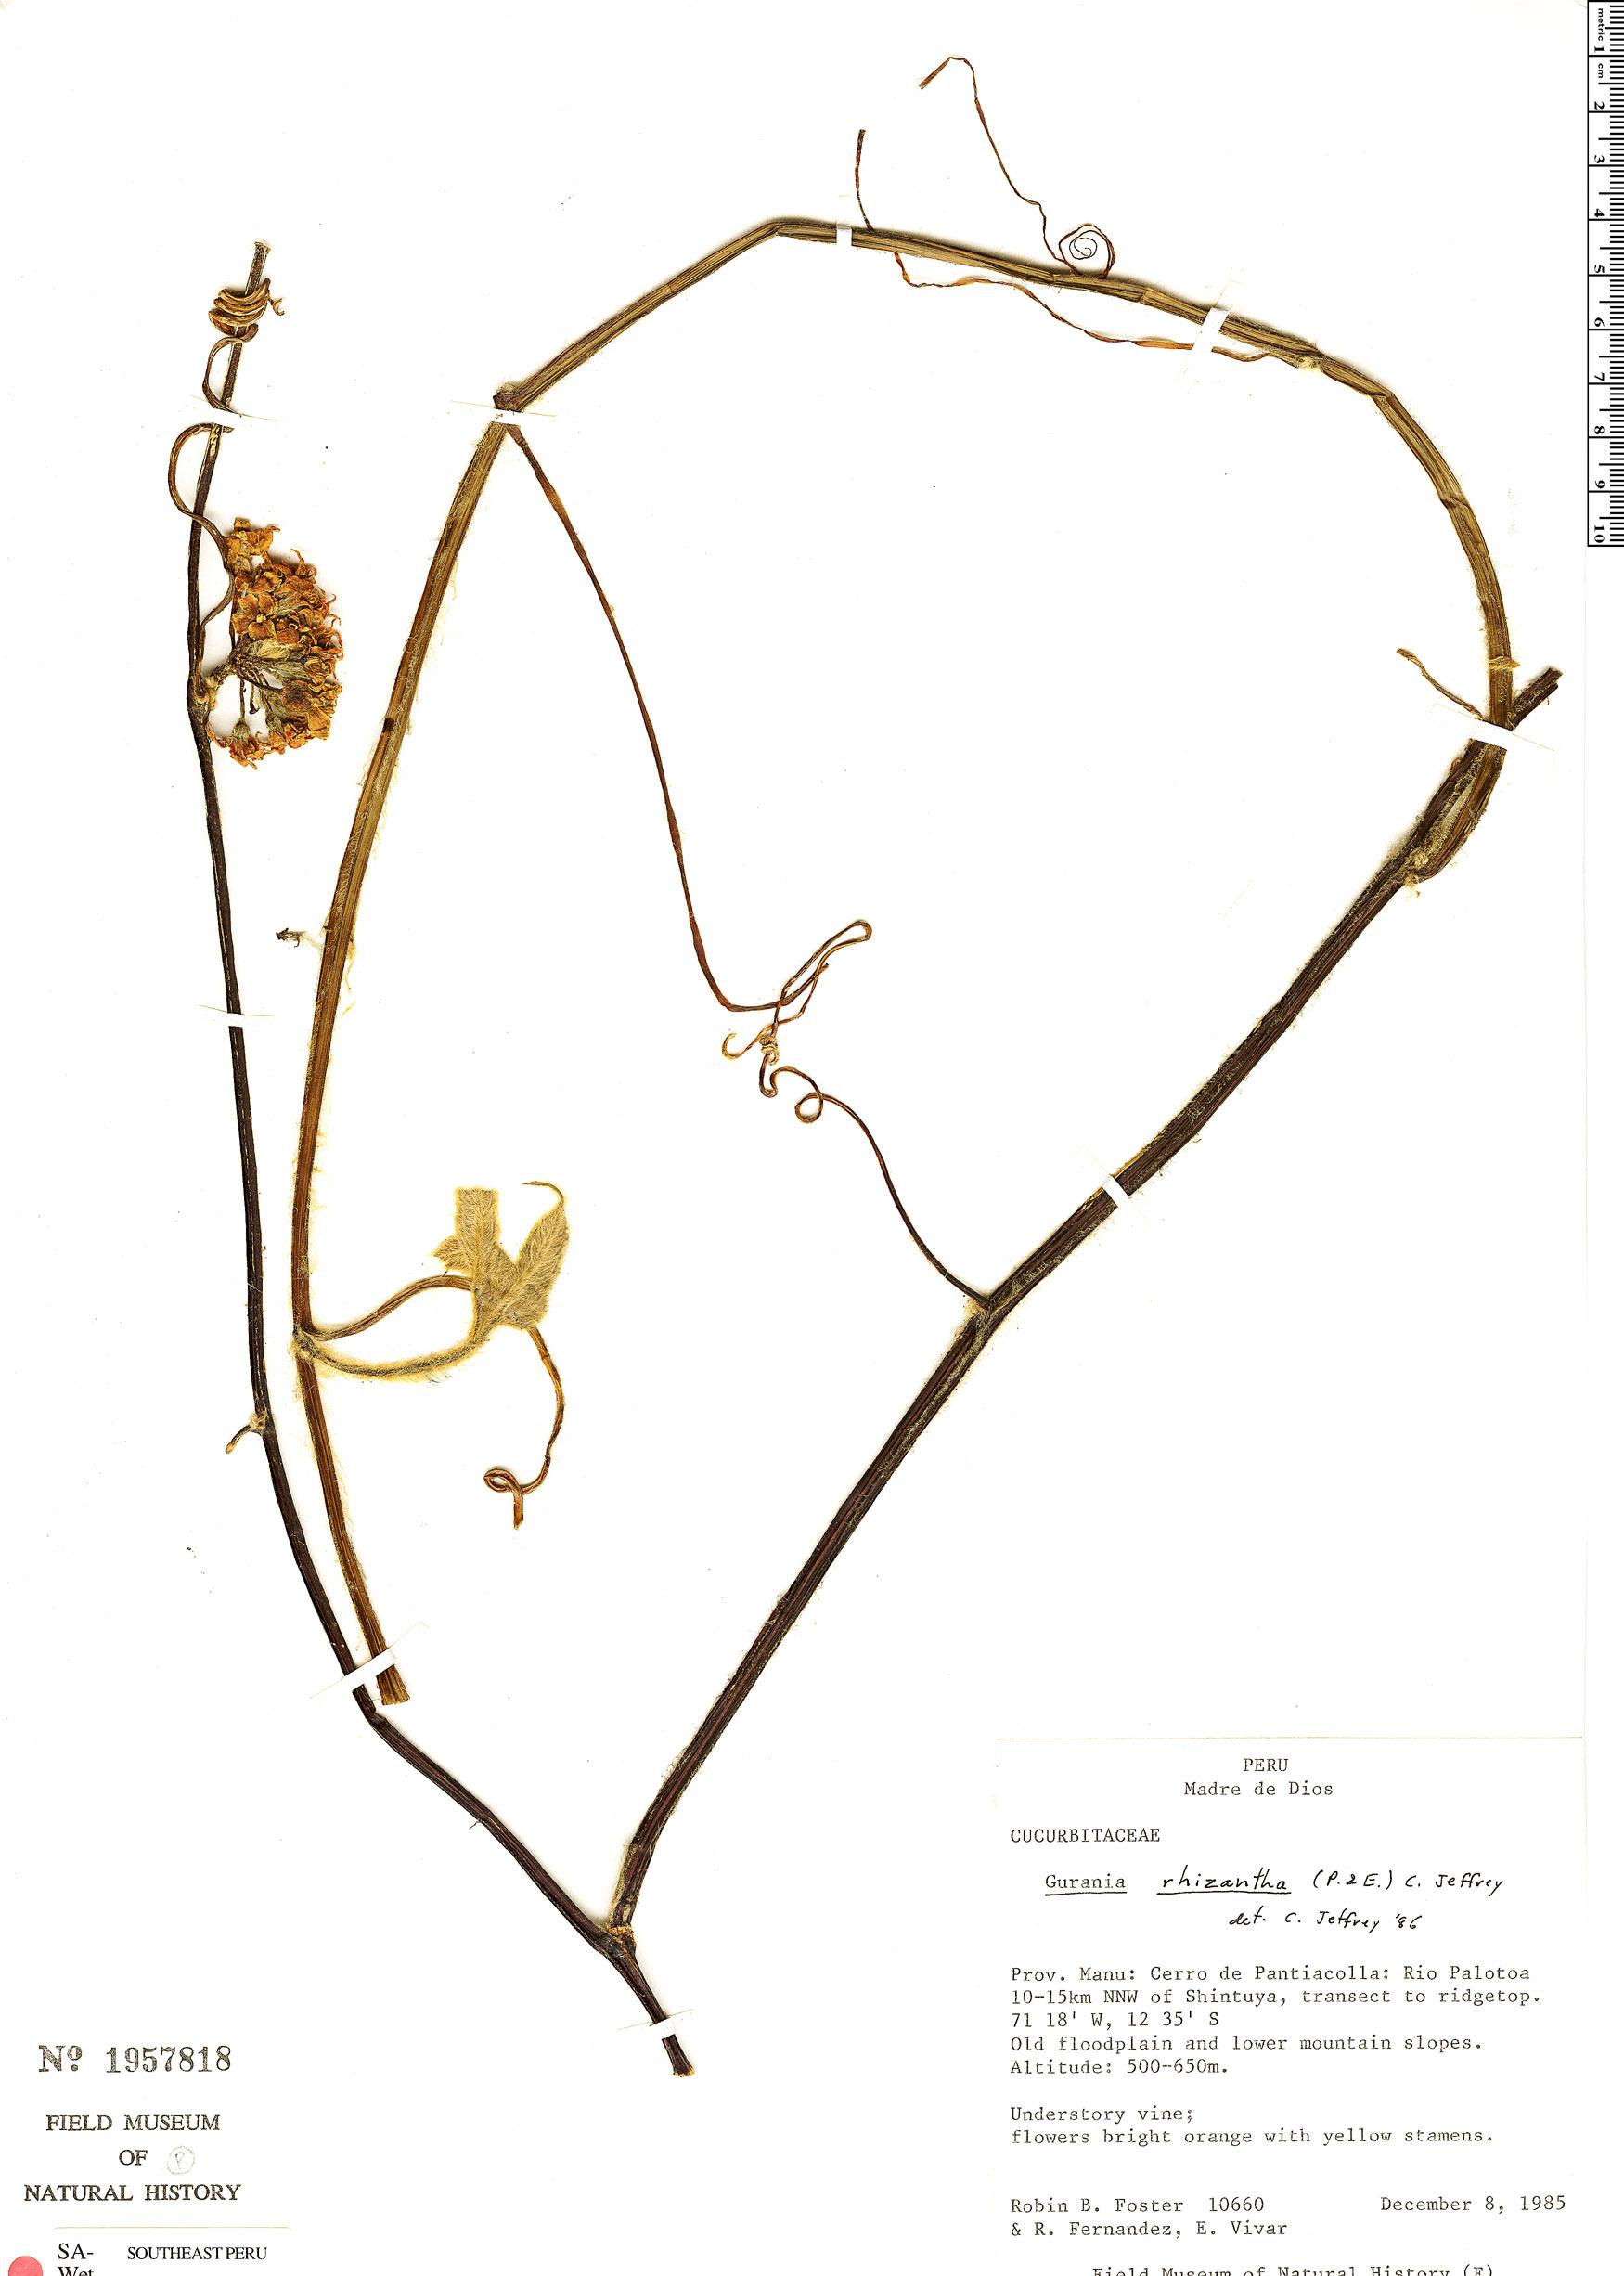 Specimen: Gurania rhizantha